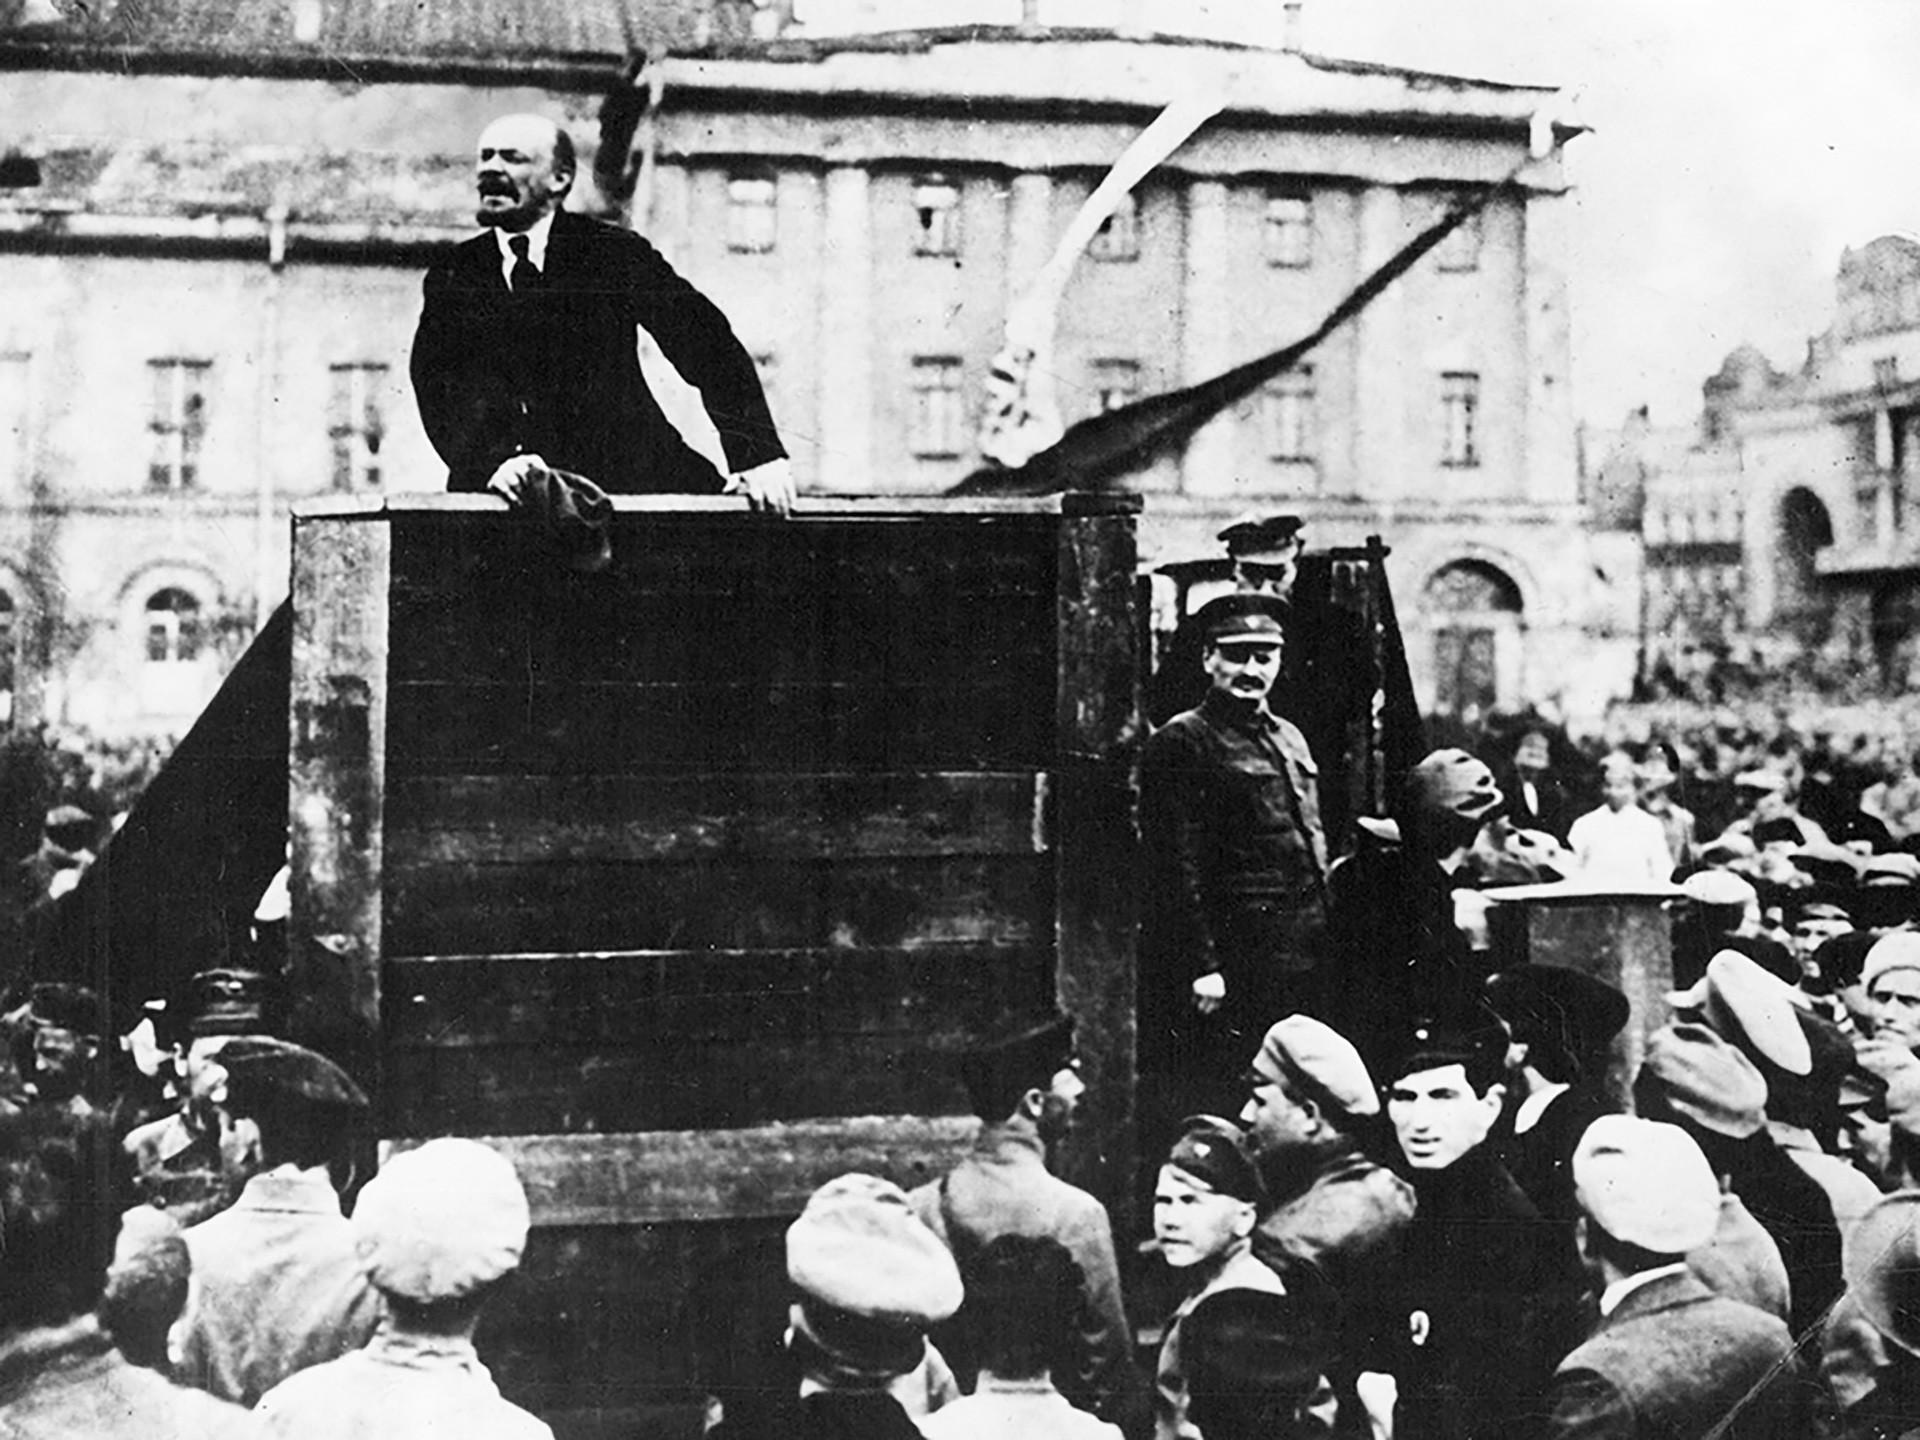 Владимир Лењин говори пред окупљеним народом на Свердловљевом тргу у Петрограду 1919. године. Лав Троцки стоји са десне стране.